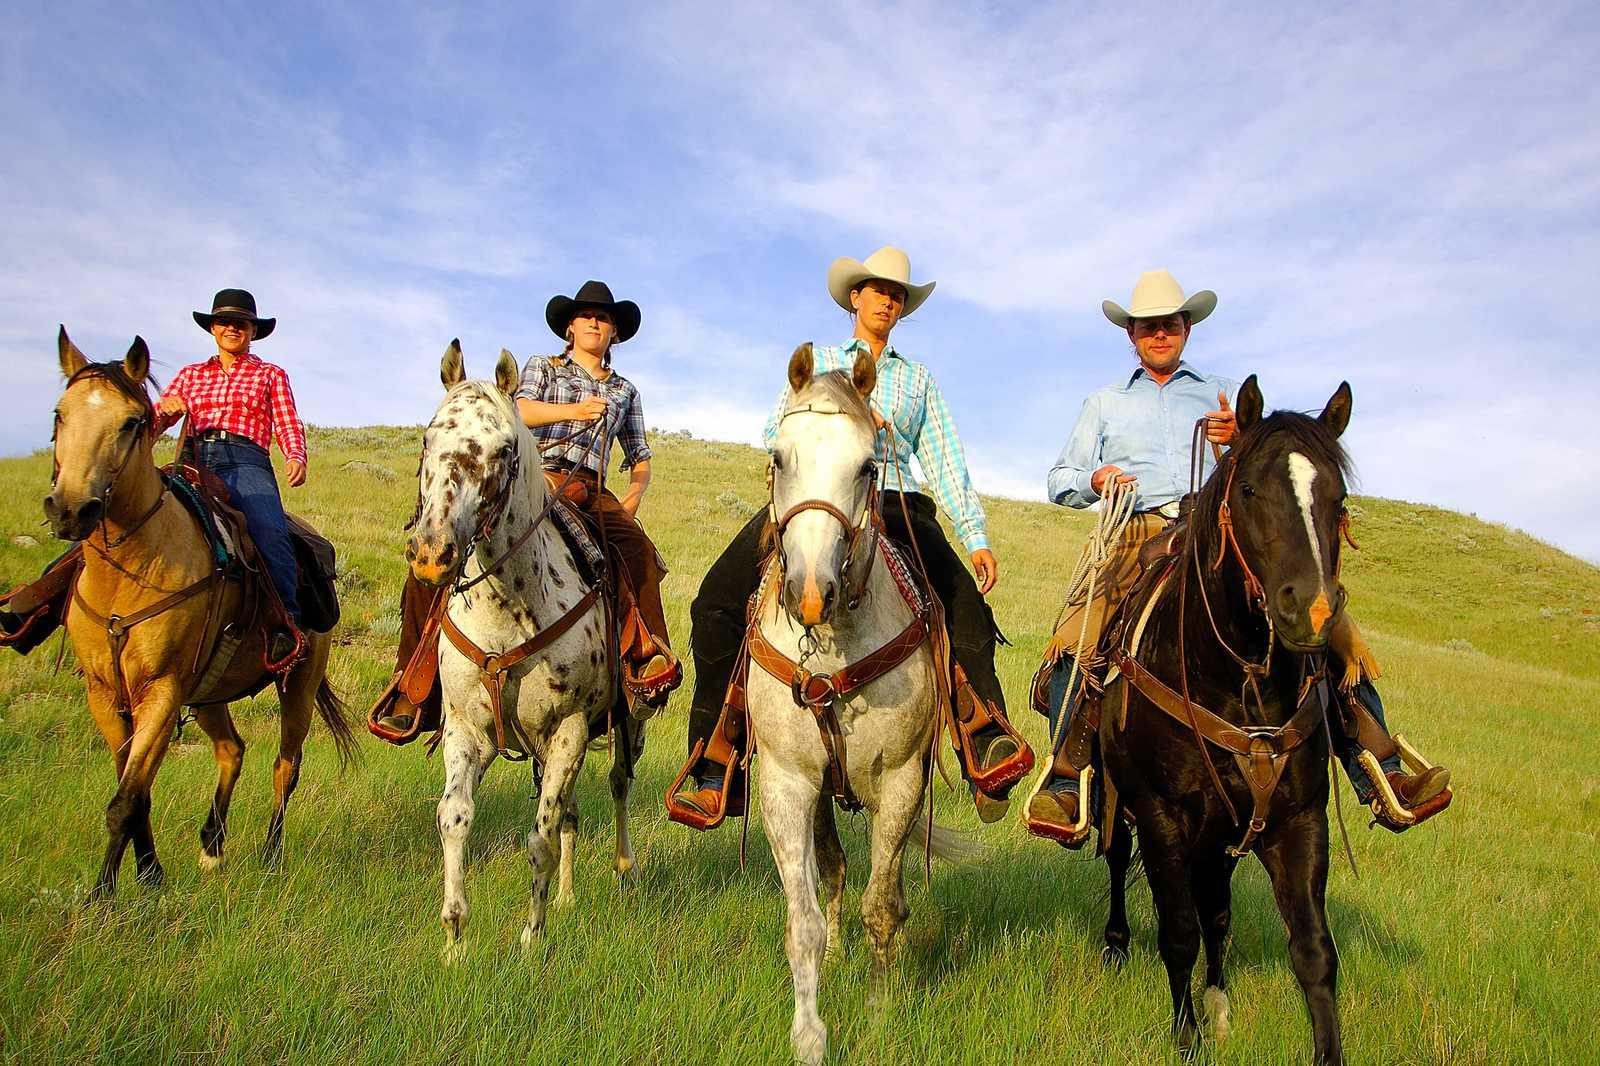 Reitausflug auf der La Reata Ranch